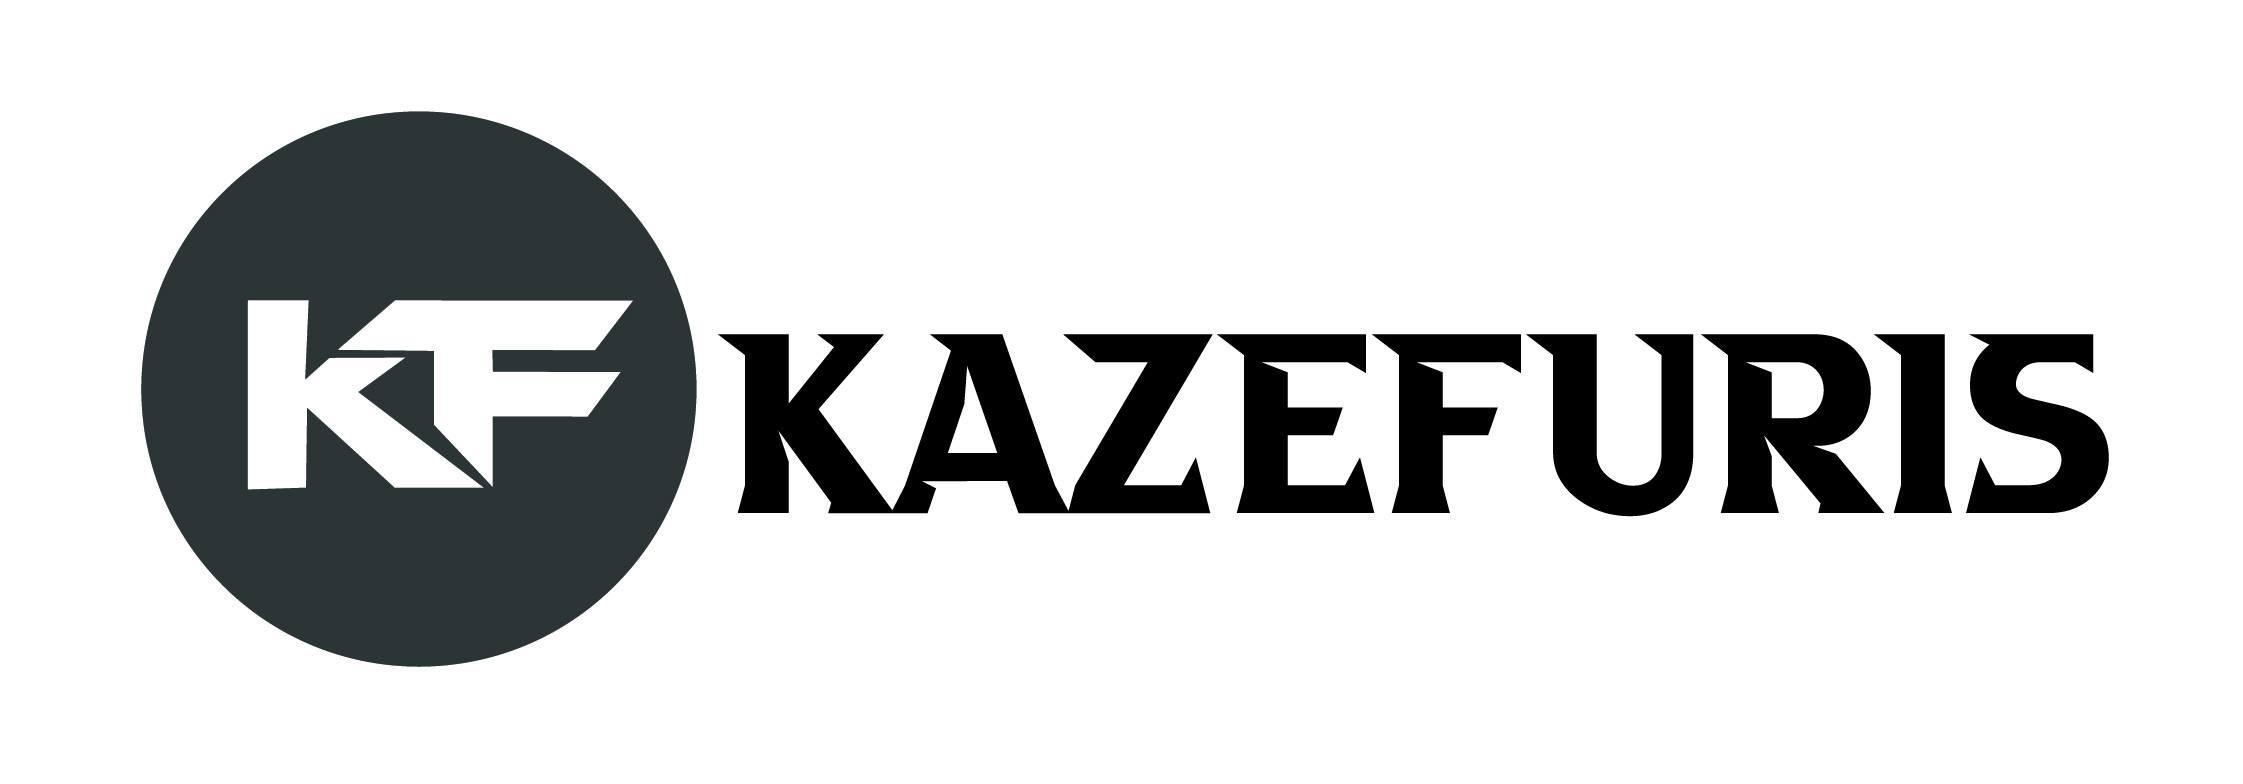 Kazefuris.com